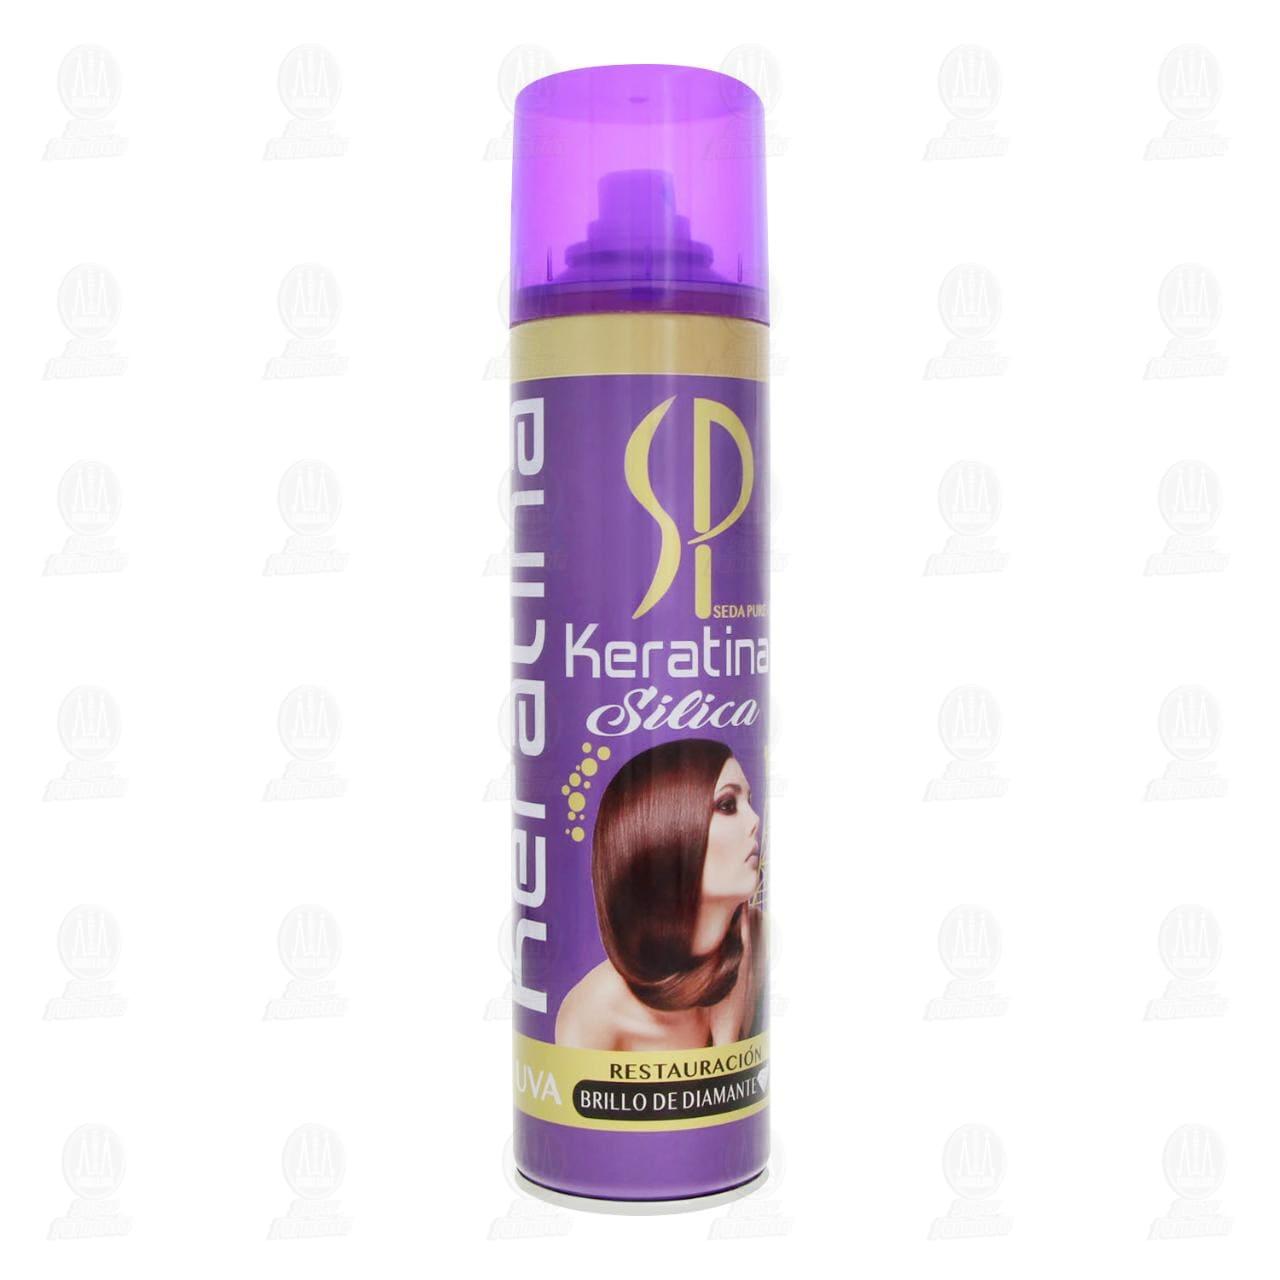 Comprar Silica Profesional Seda Pure Uva en Spray con Keratina, 300 ml. en Farmacias Guadalajara